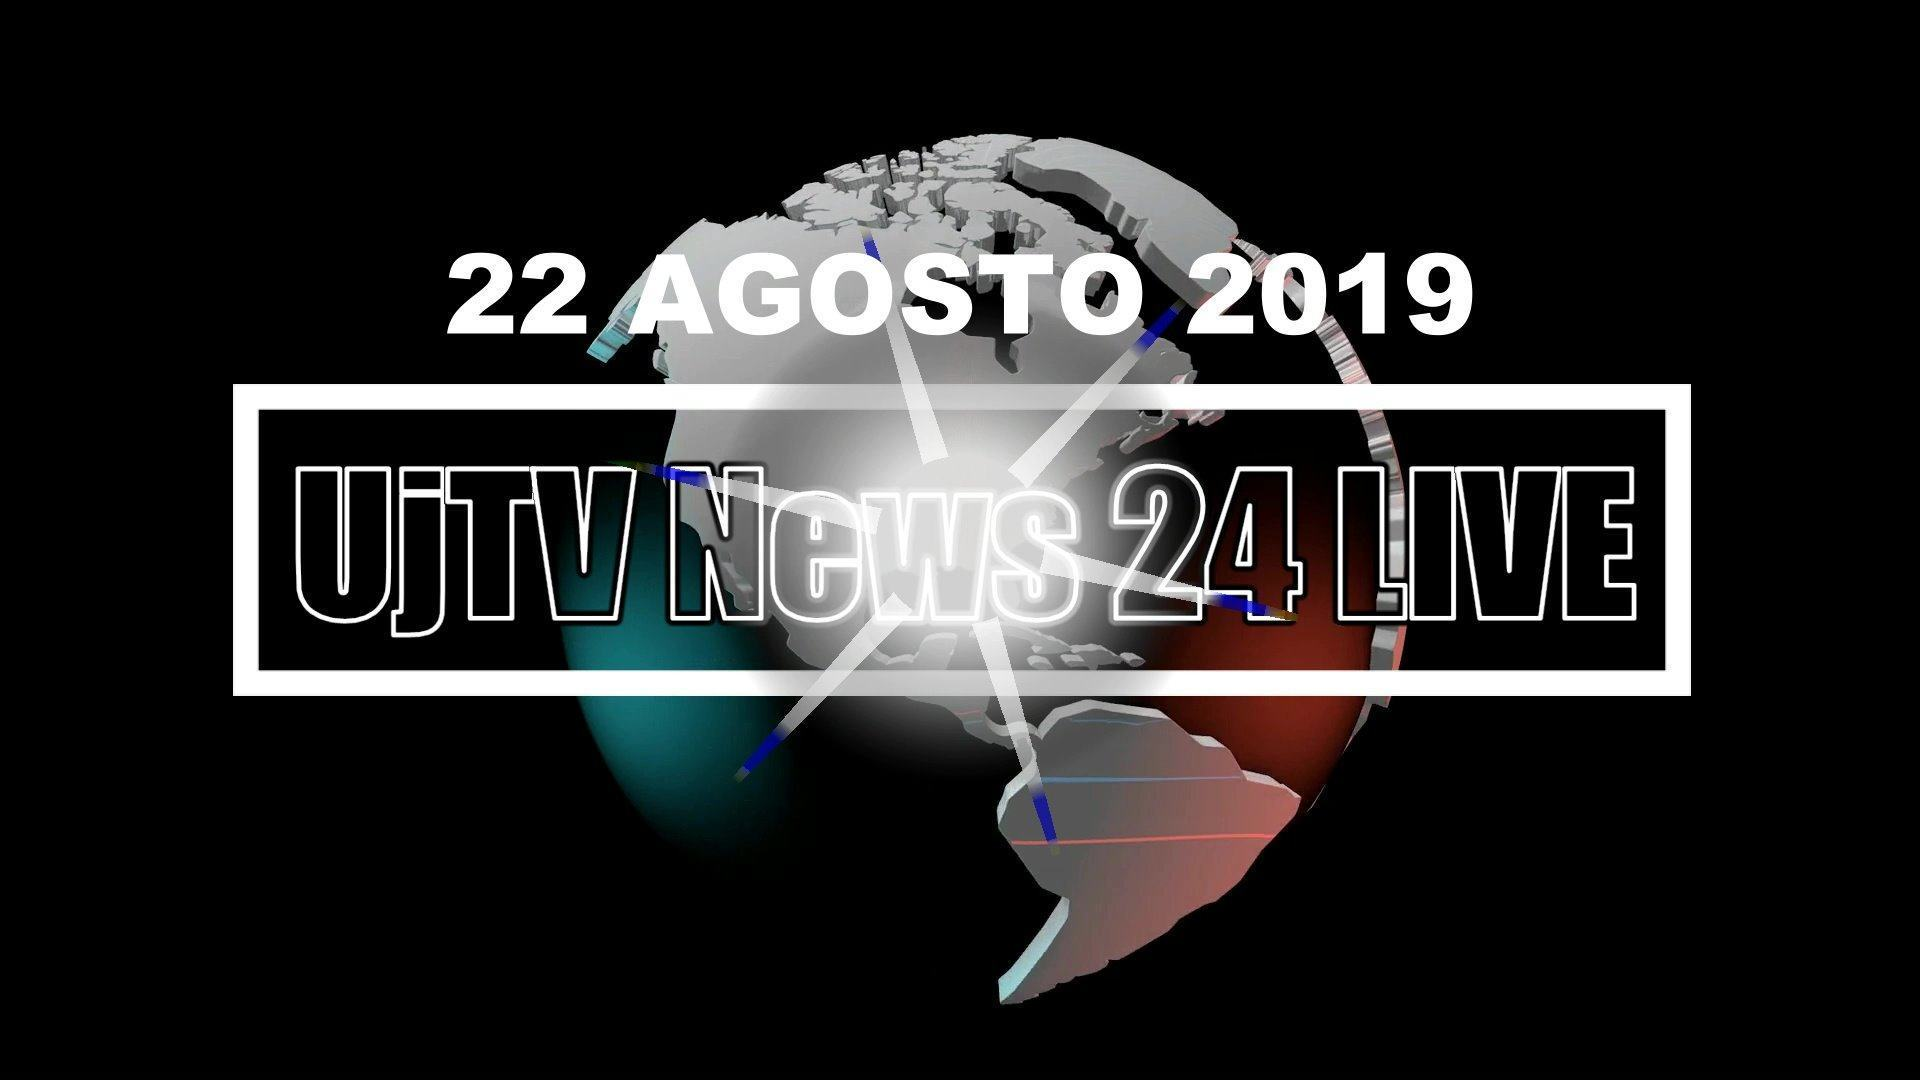 TG edizione della sera 22 agosto 2019 telegiornale dell'Umbria UjTV News24 LIVE